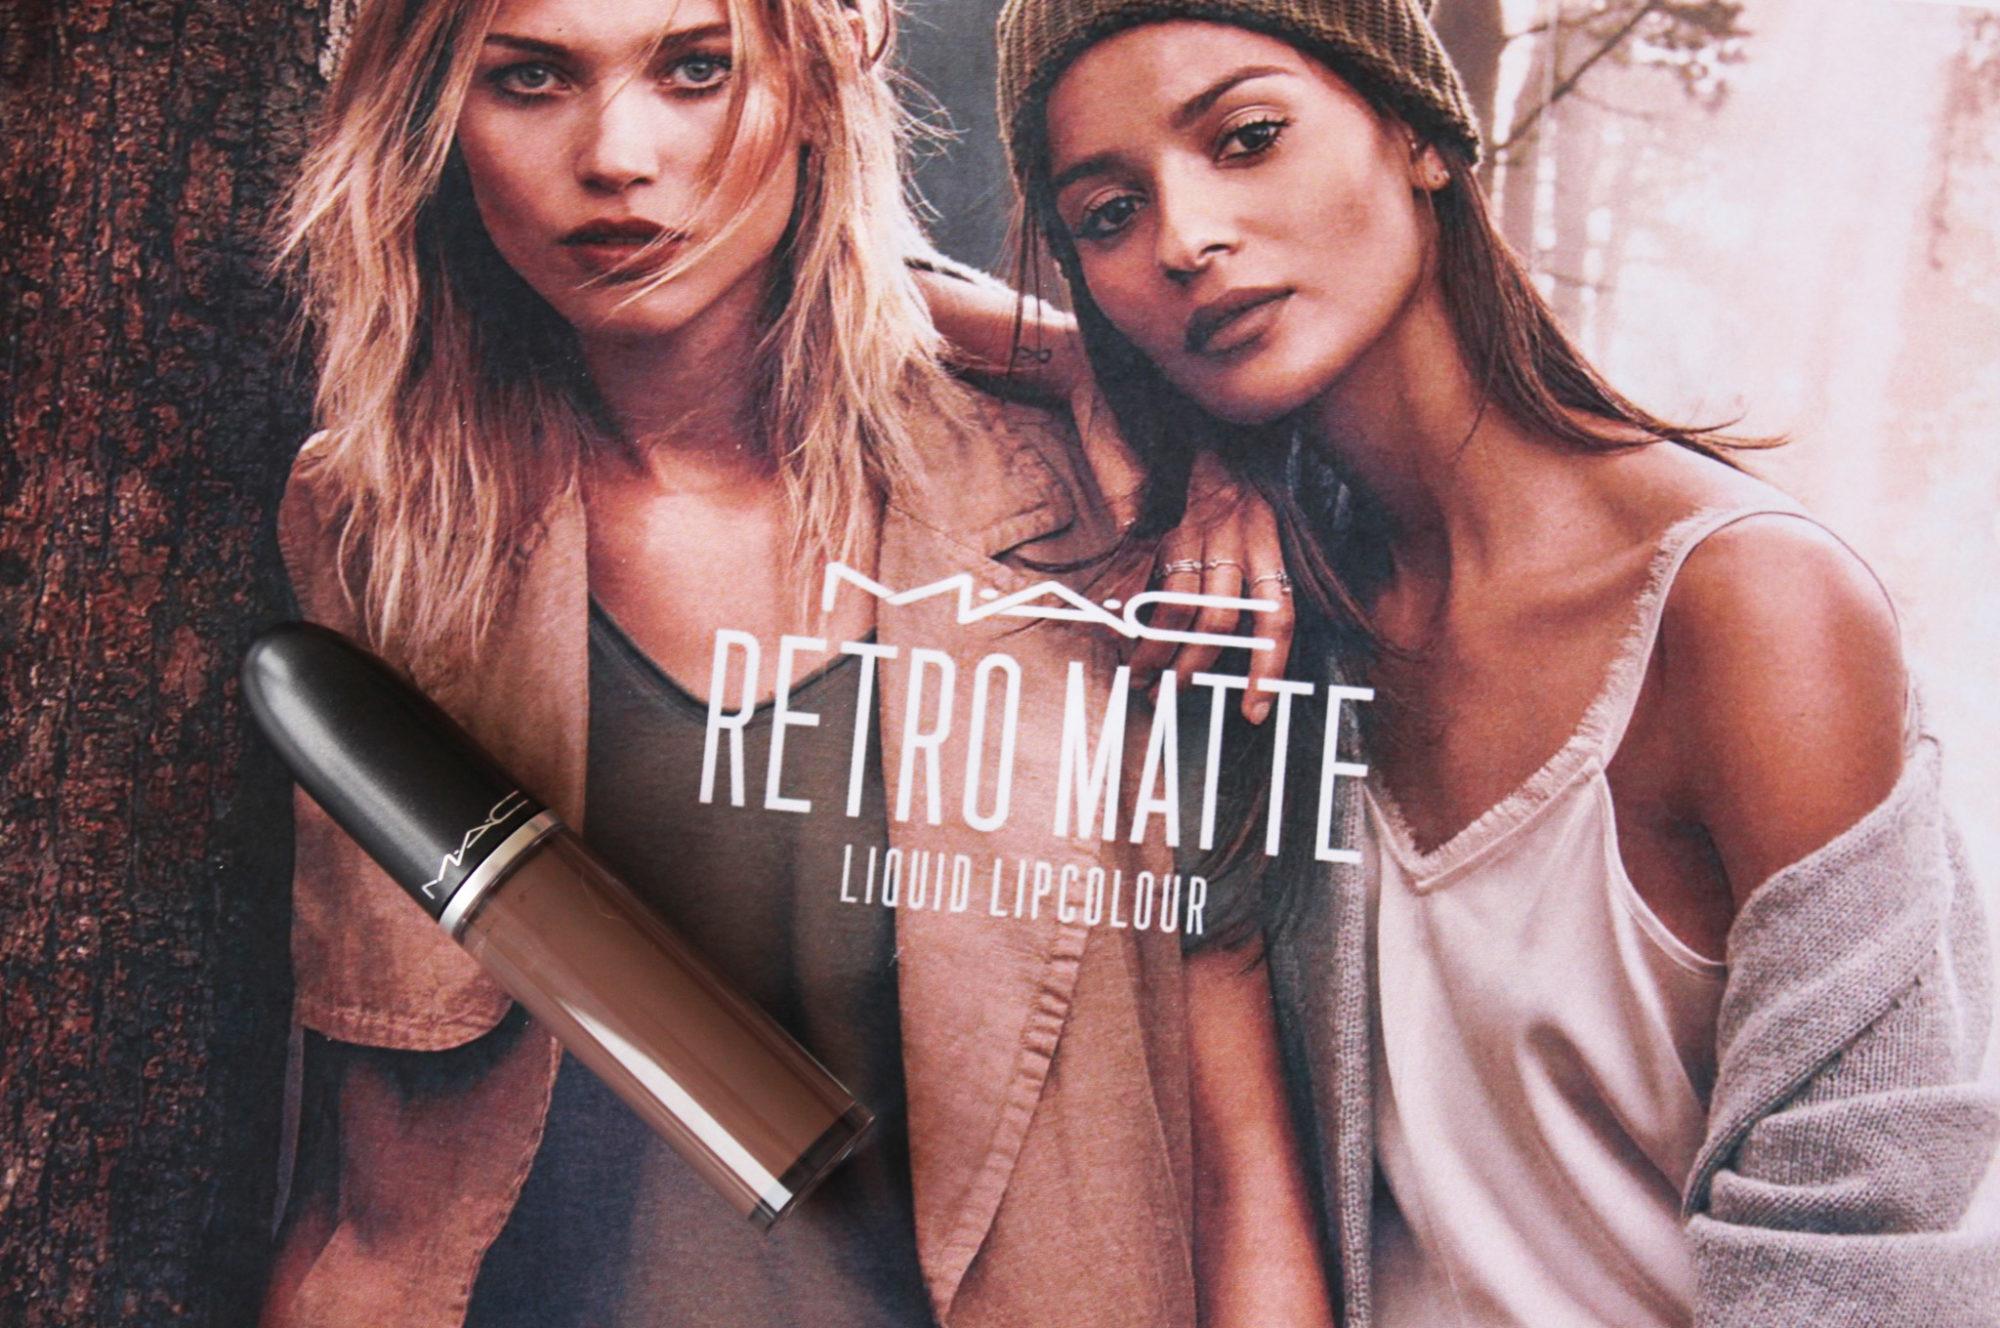 MAC Retro Matte Liquid Lipcolour Ess-Presso